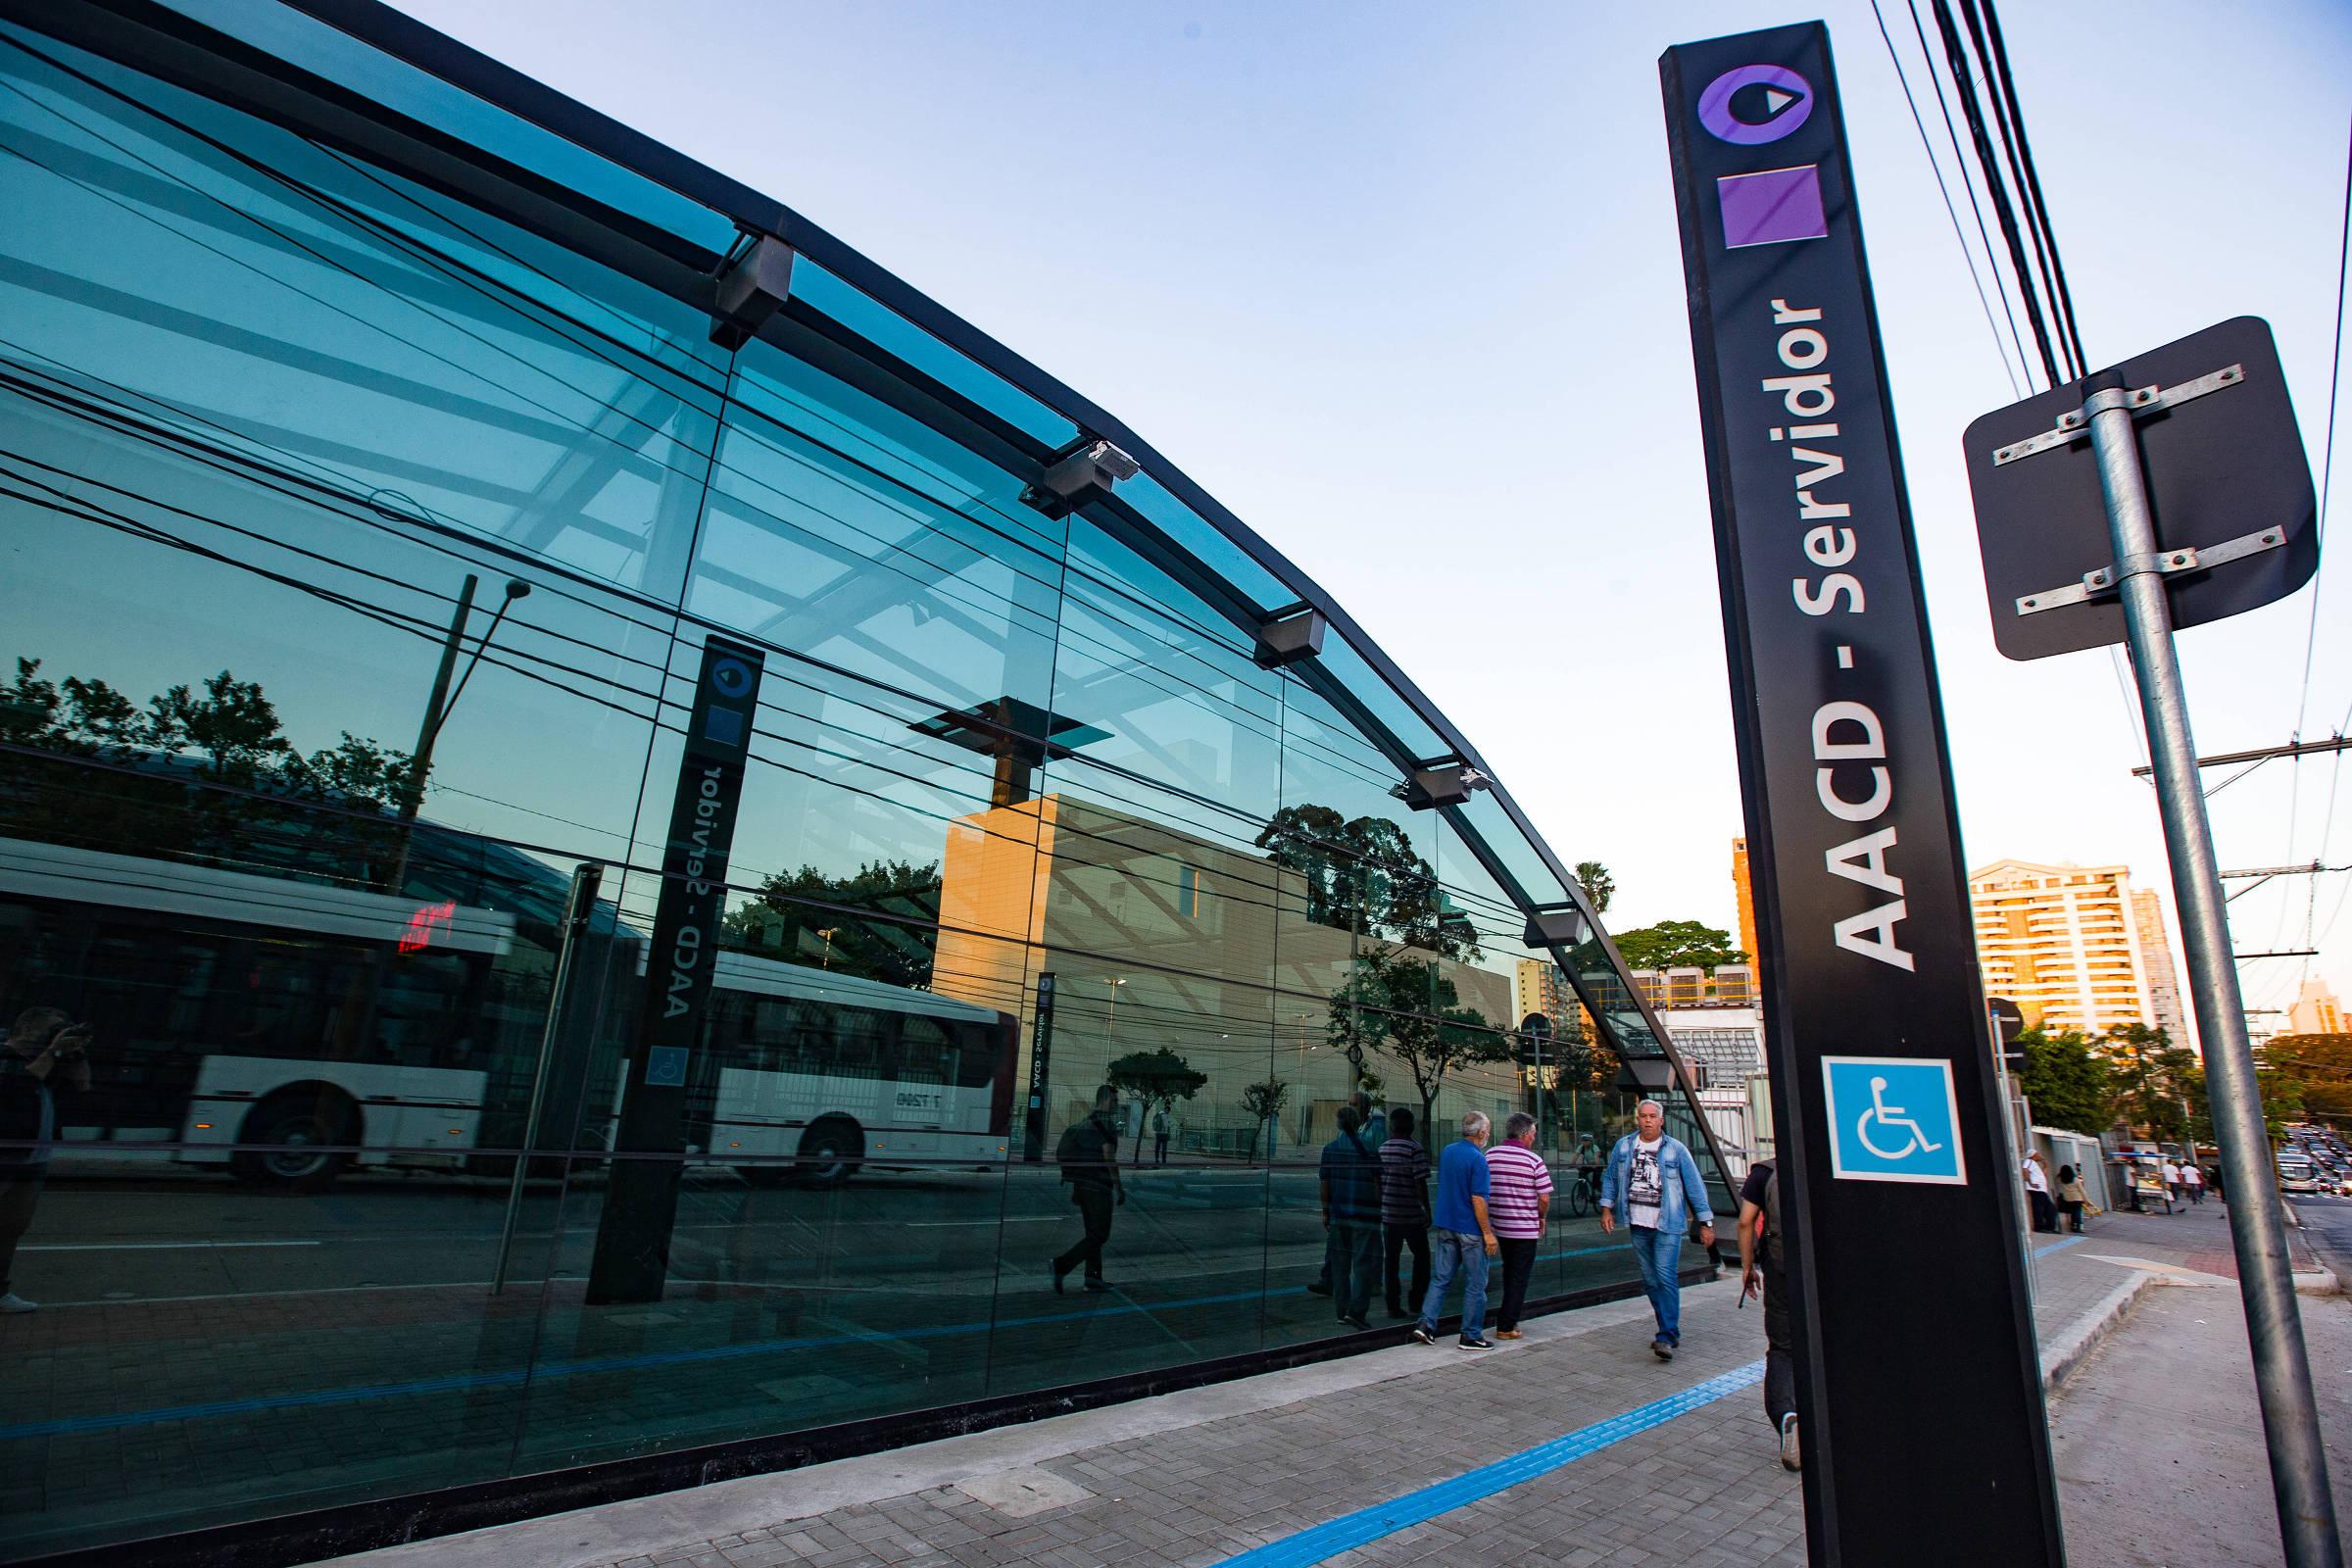 ba8a2da1f3f0d Paulistano ganha estação do metrô a 14 minutos a pé do parque Ibirapuera -  31 08 2018 - Cotidiano - Folha